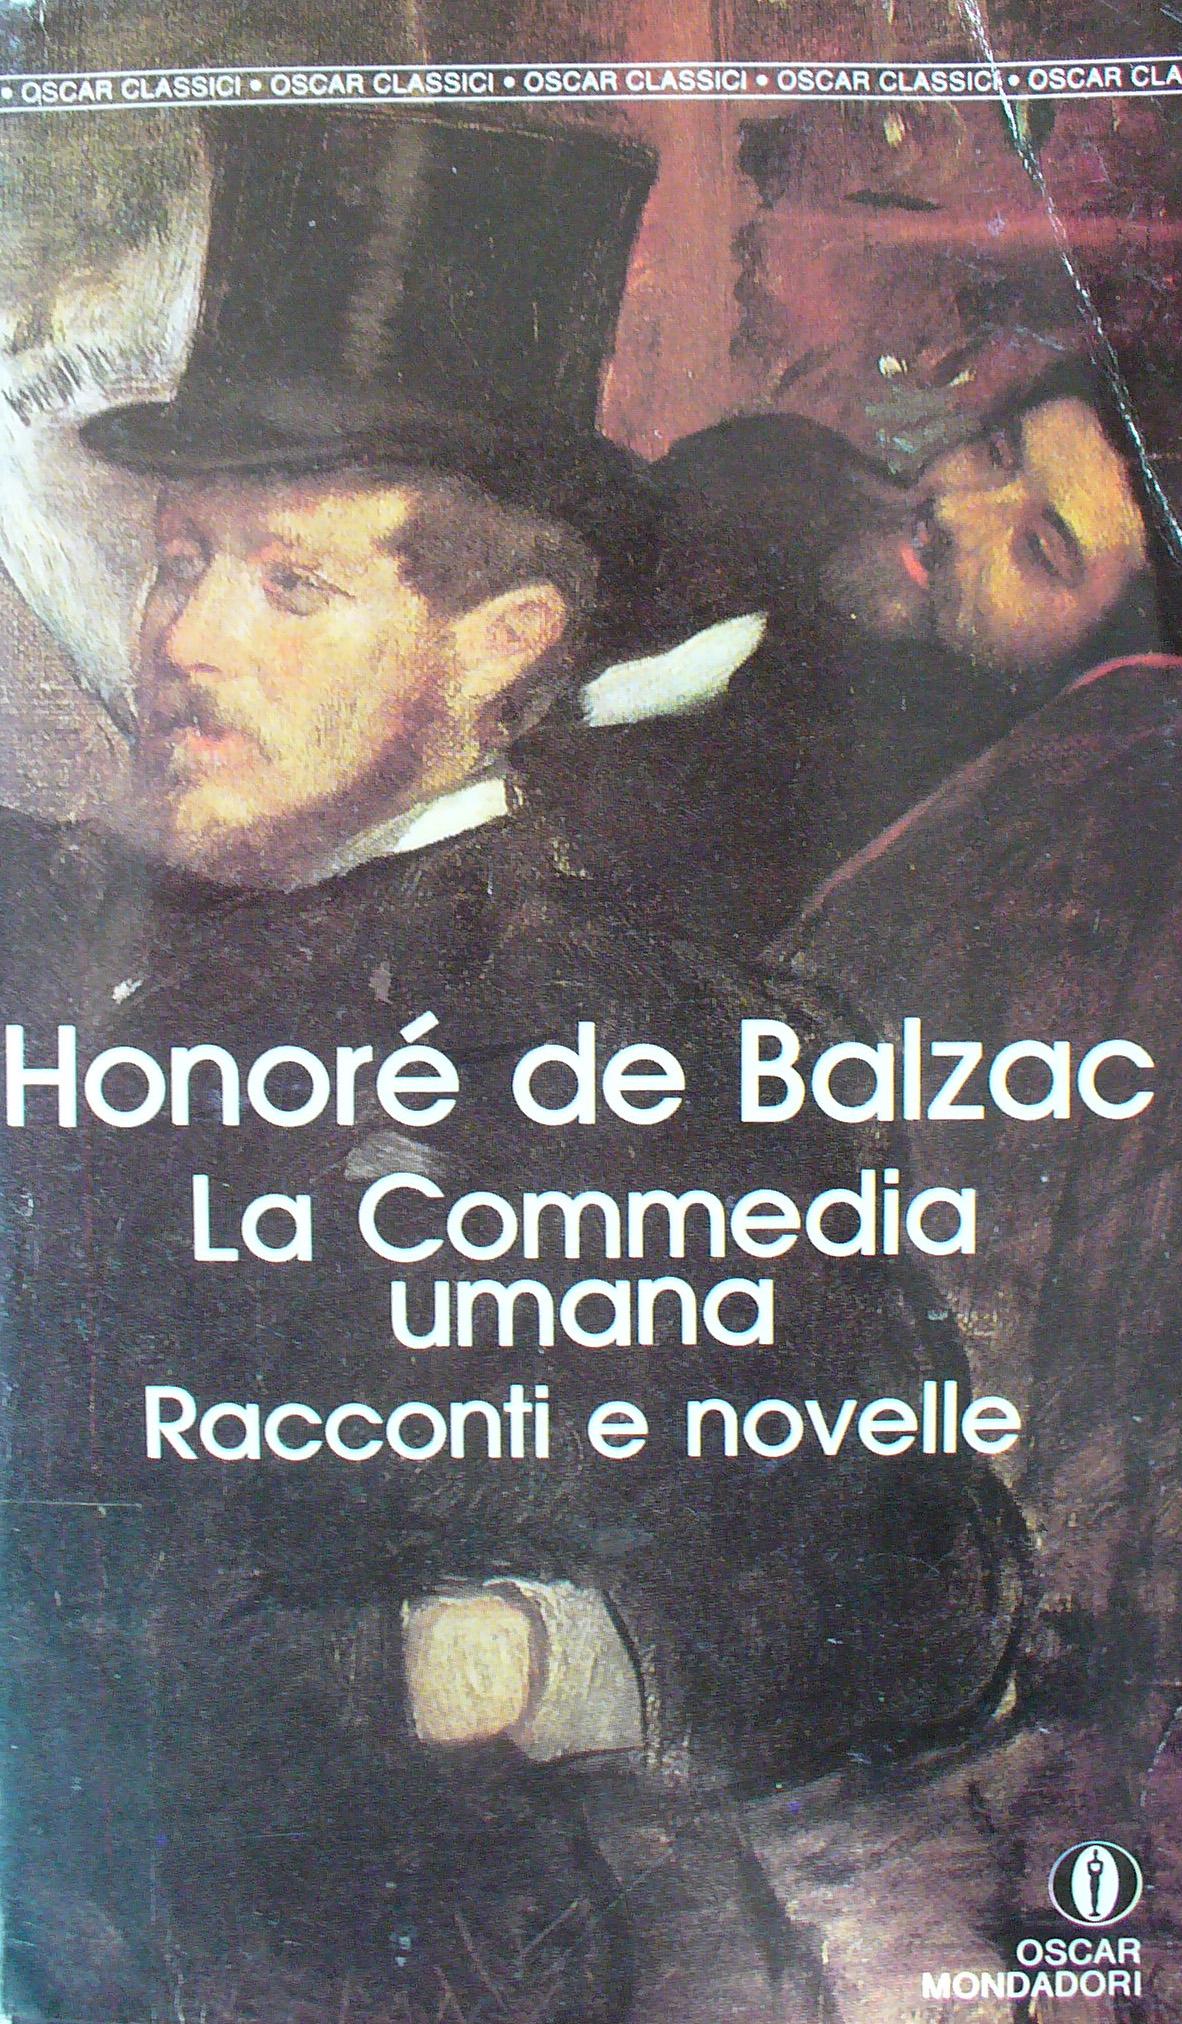 La commedia umana - Racconti e novelle [2]